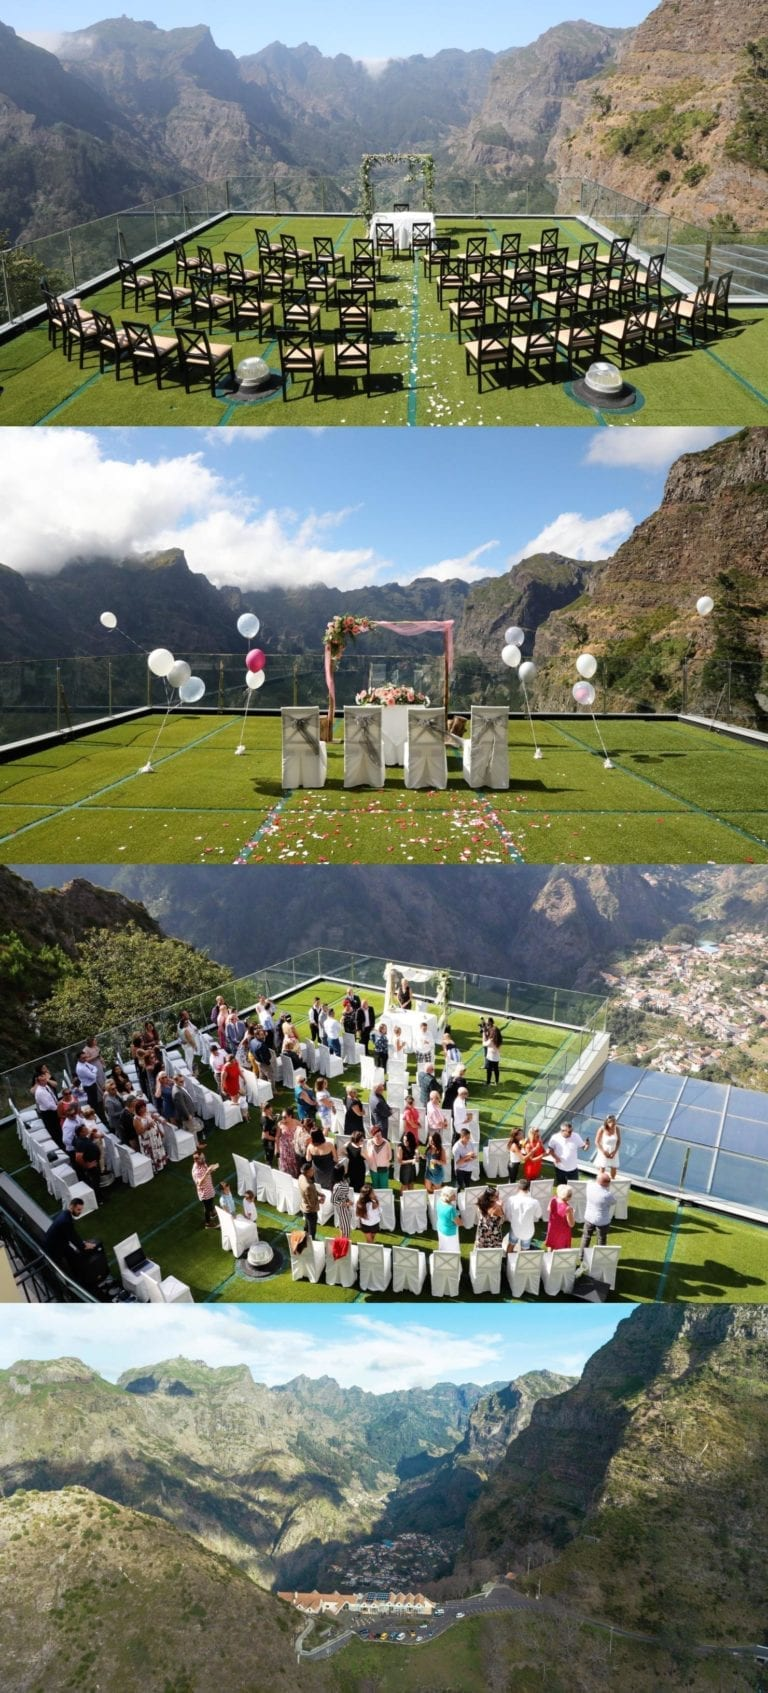 Ślub w plenerze za granicą - ślub w Portugalii - ślub Madera - ślub w górach